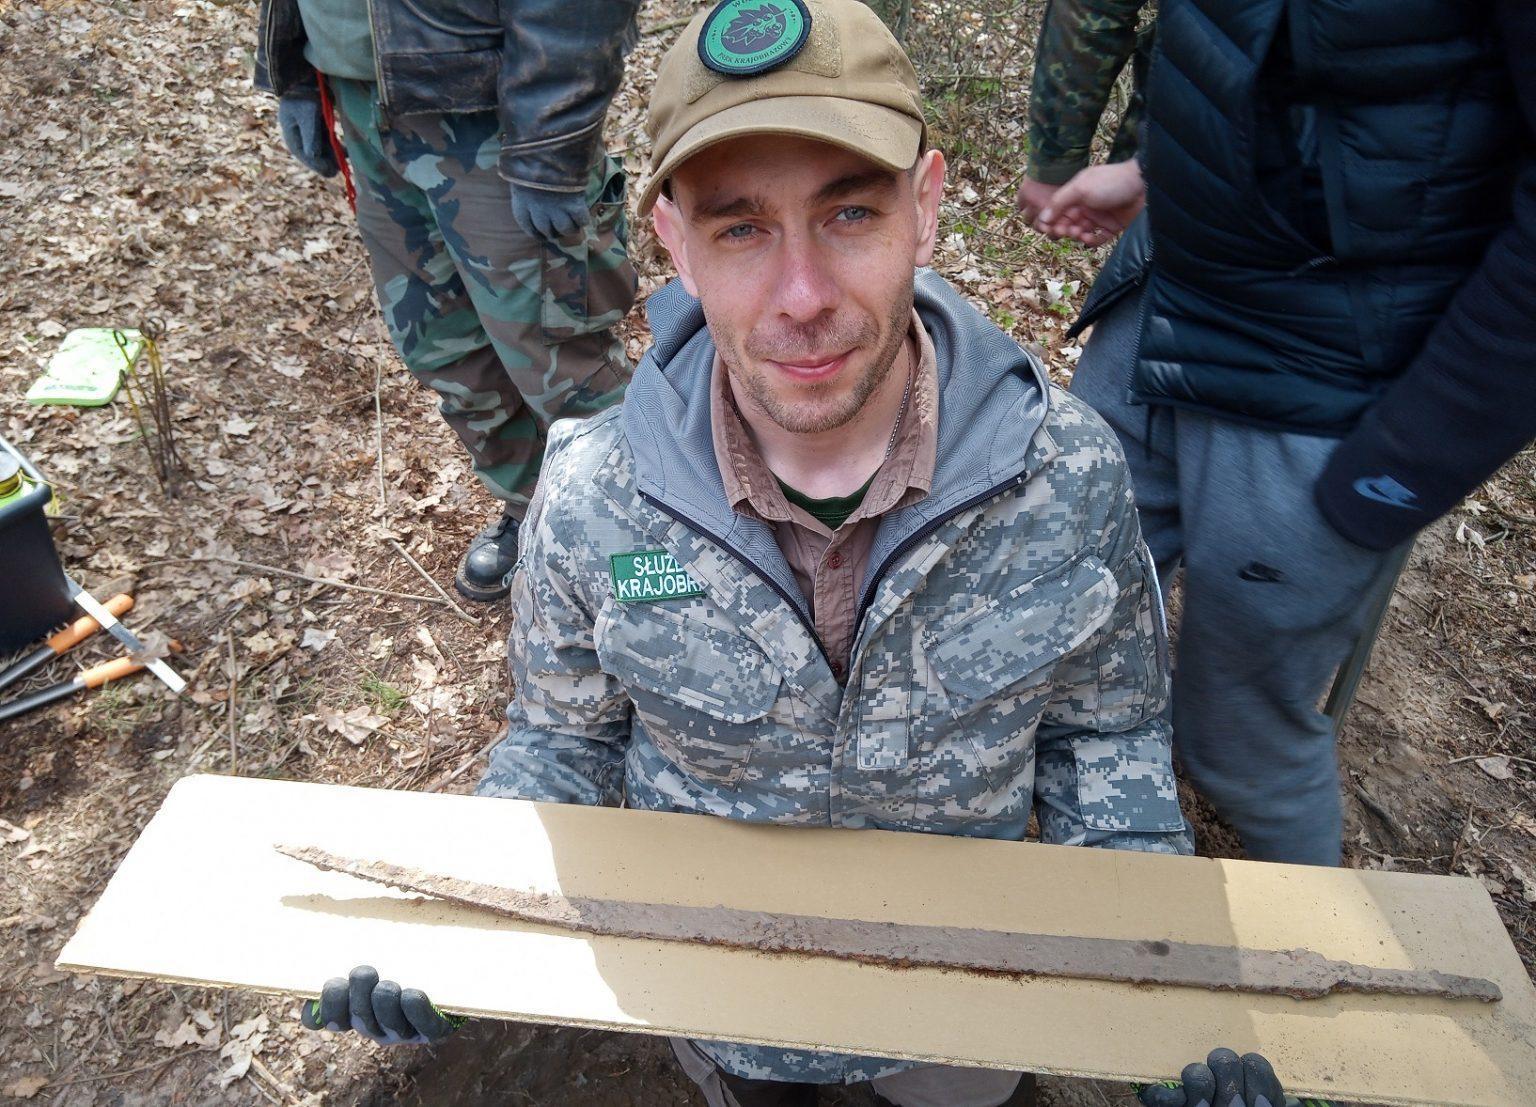 Pologne - Mateusz Sosnowski présente le langsaxe viking découvert dans le parc naturel de Wdecki - Photo O. Popkiewsic